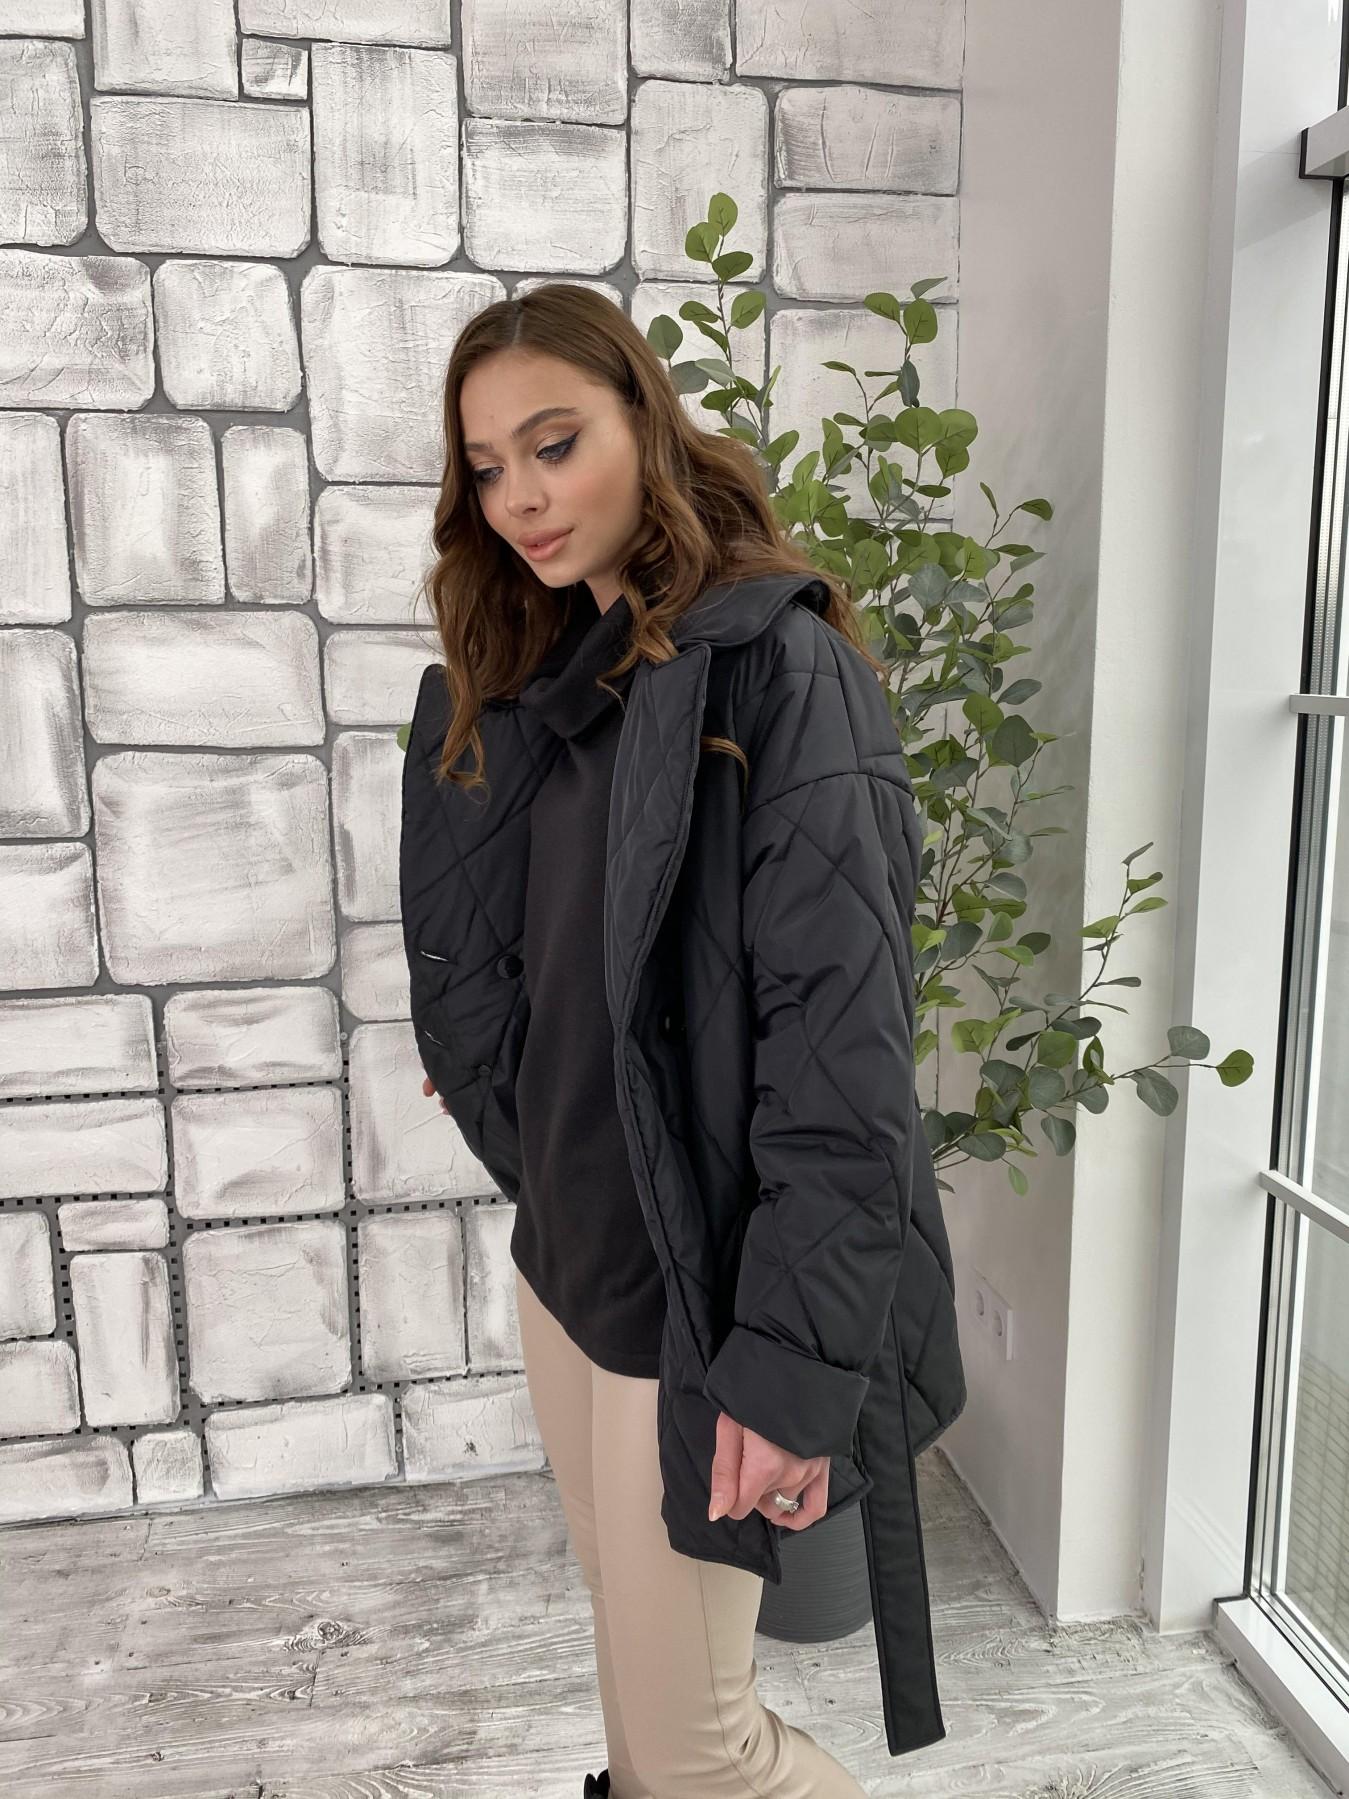 Норд куртка из плащевой ткани стеганая 10883 АРТ. 47354 Цвет: Черный - фото 1, интернет магазин tm-modus.ru